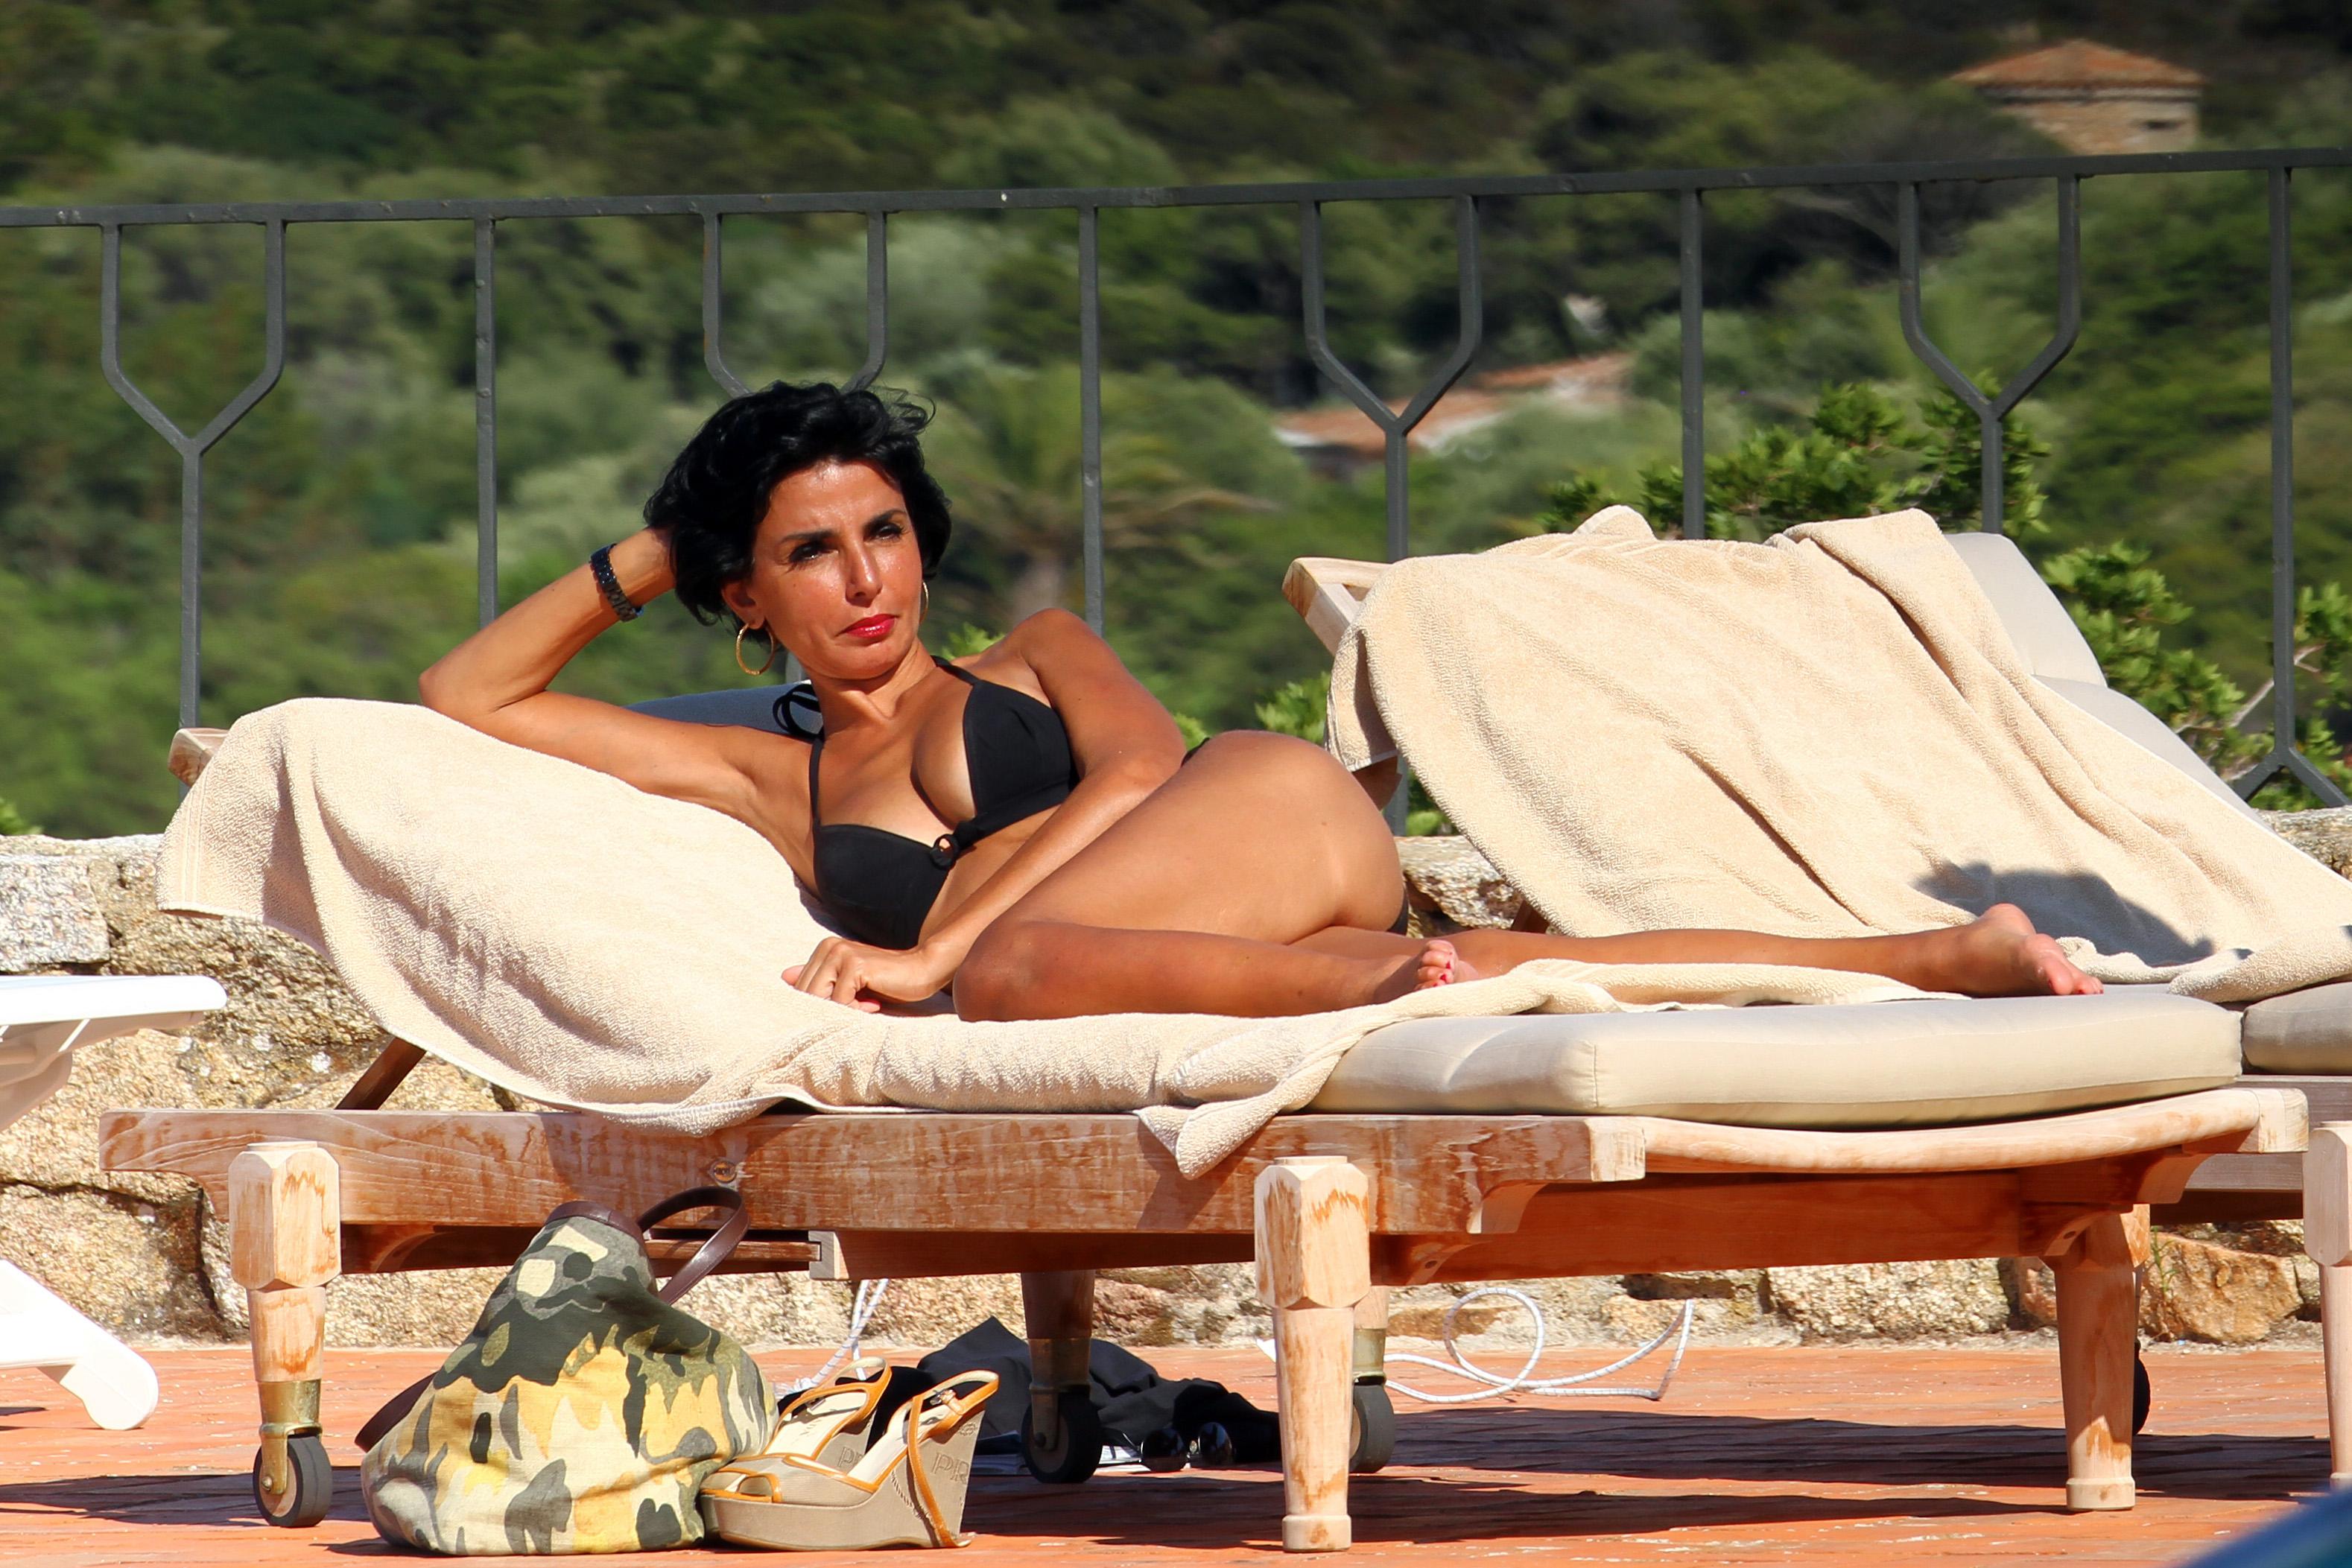 femme politique nue